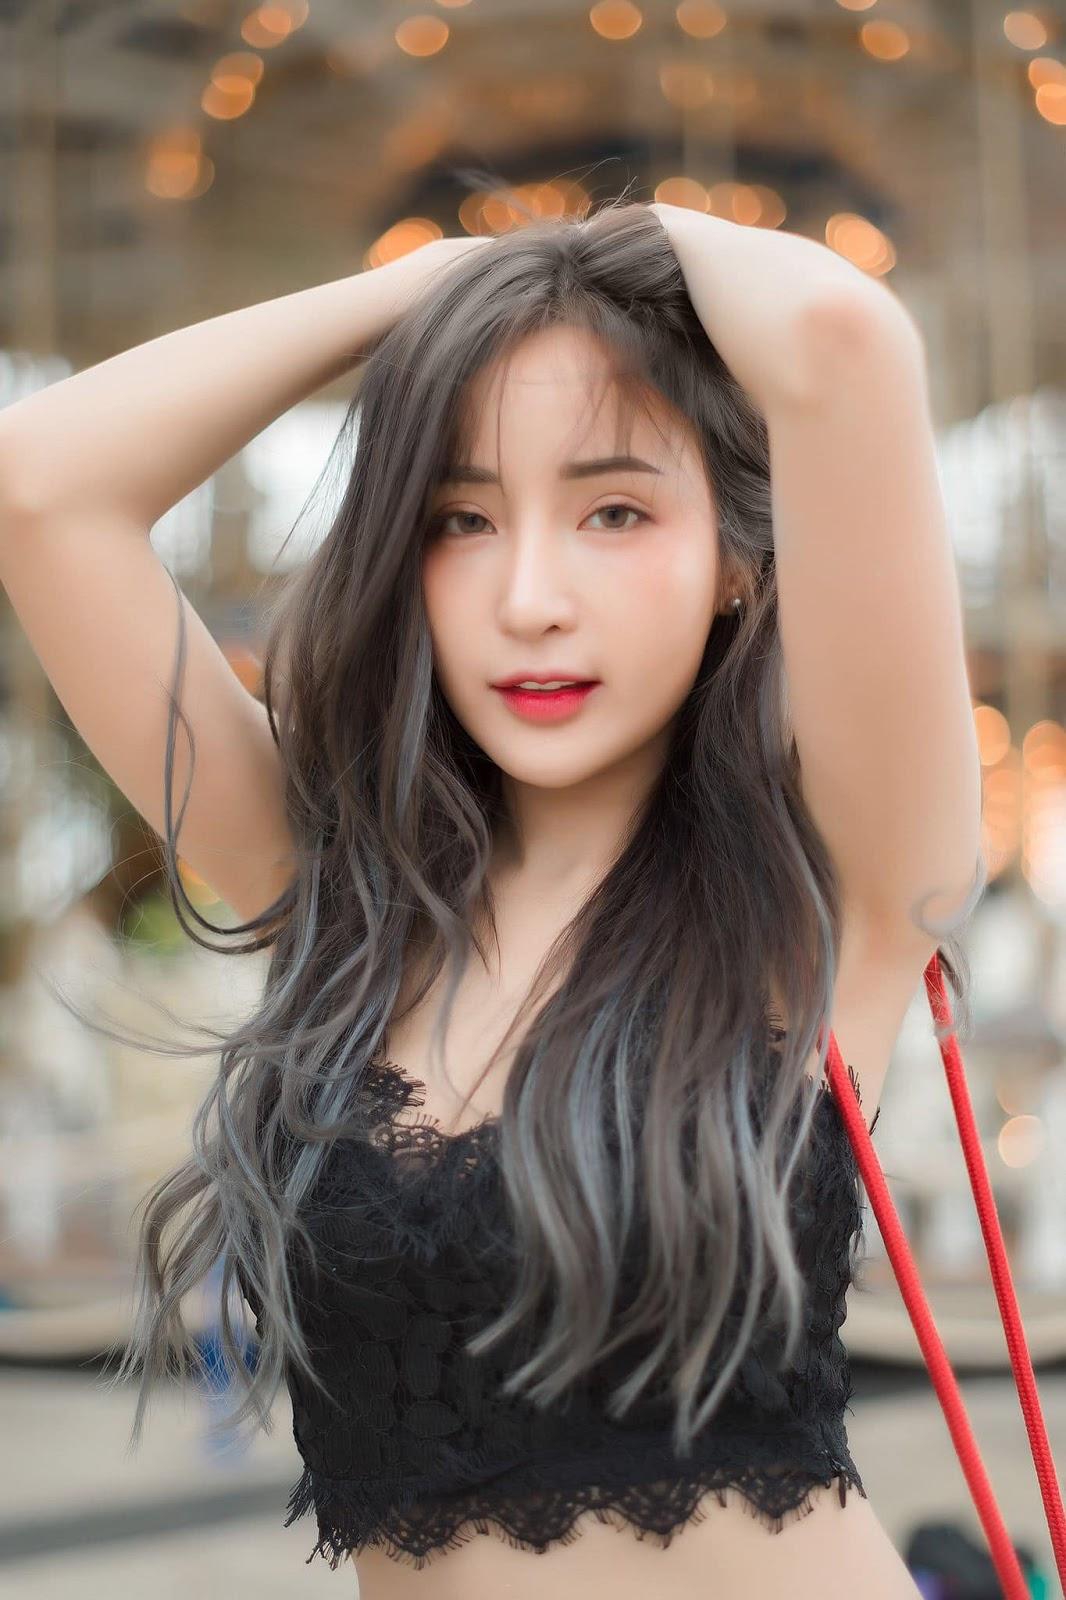 Thailand Hot Girl - Thanyarat Charoenpornkittada - My Memory Childhood Park - TruePic.net - Picture 8